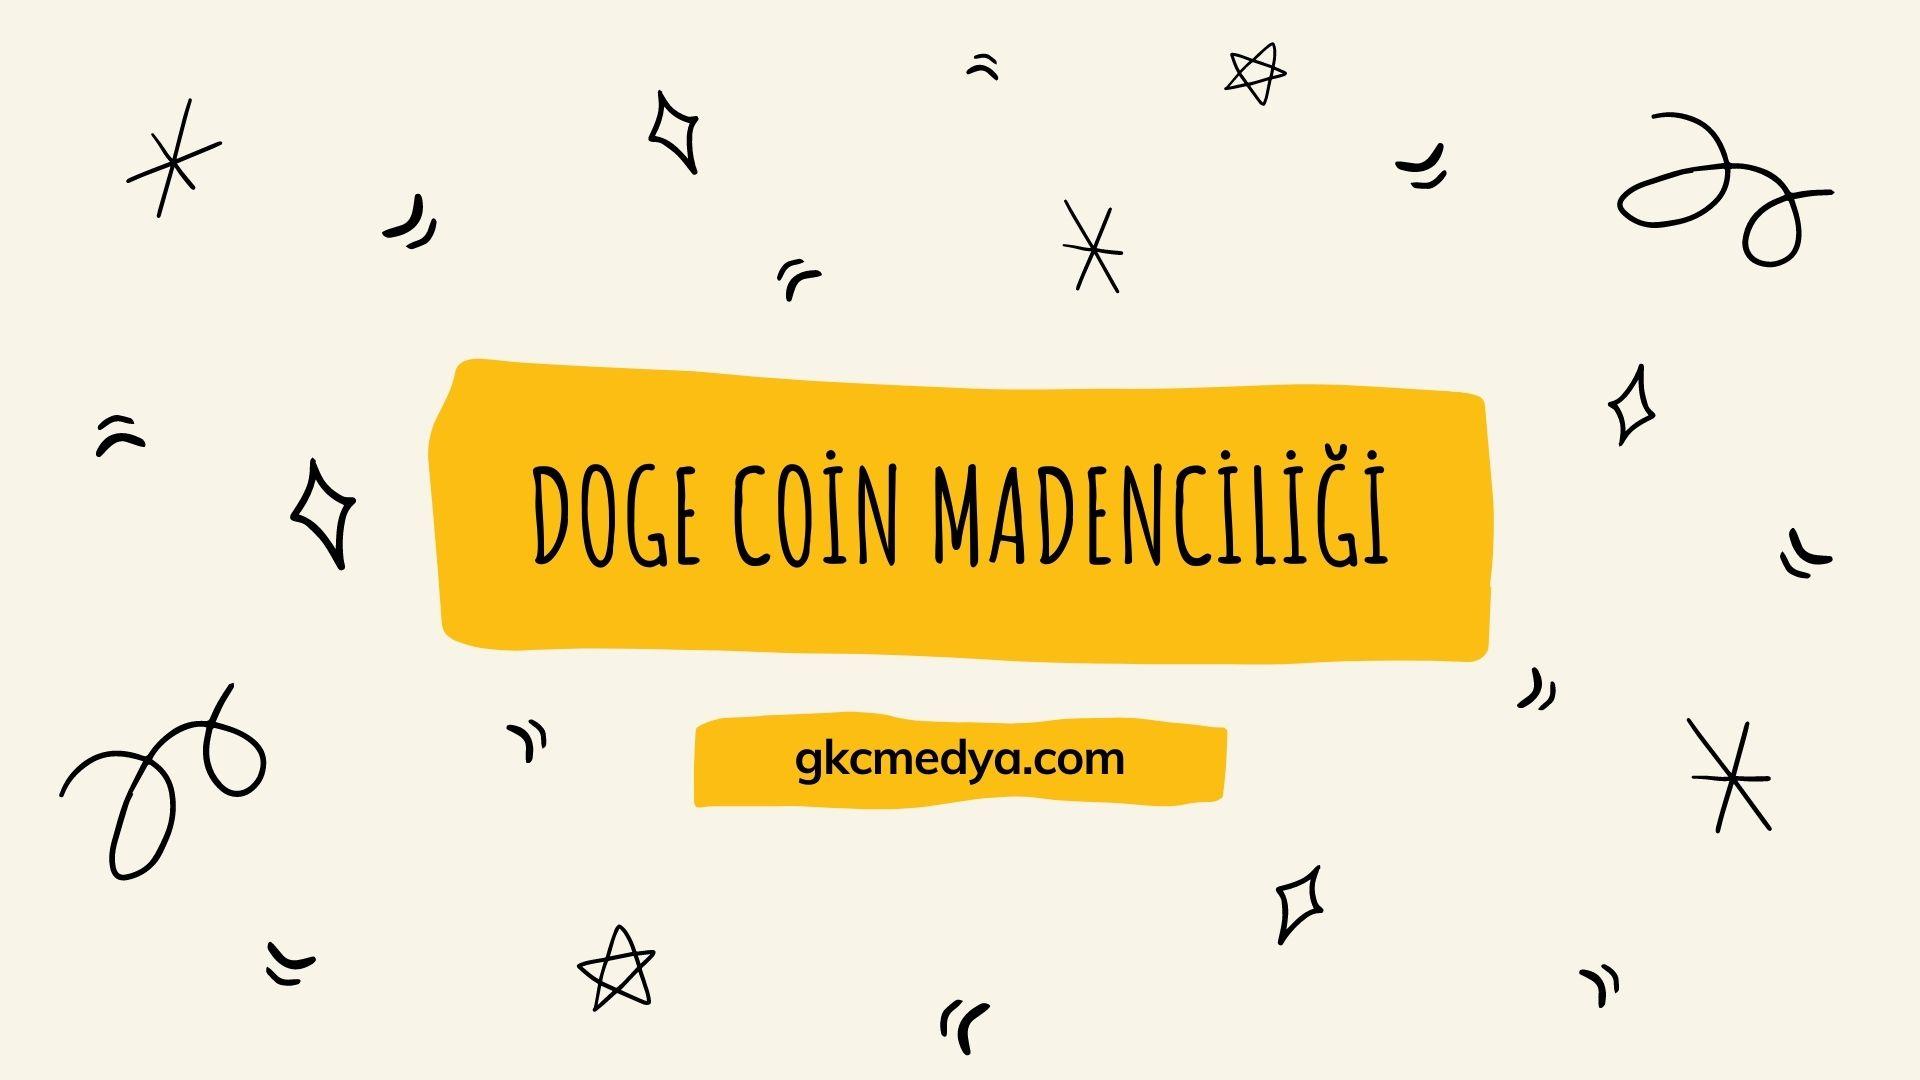 Doge Coin, Doge Coin Madenciliği